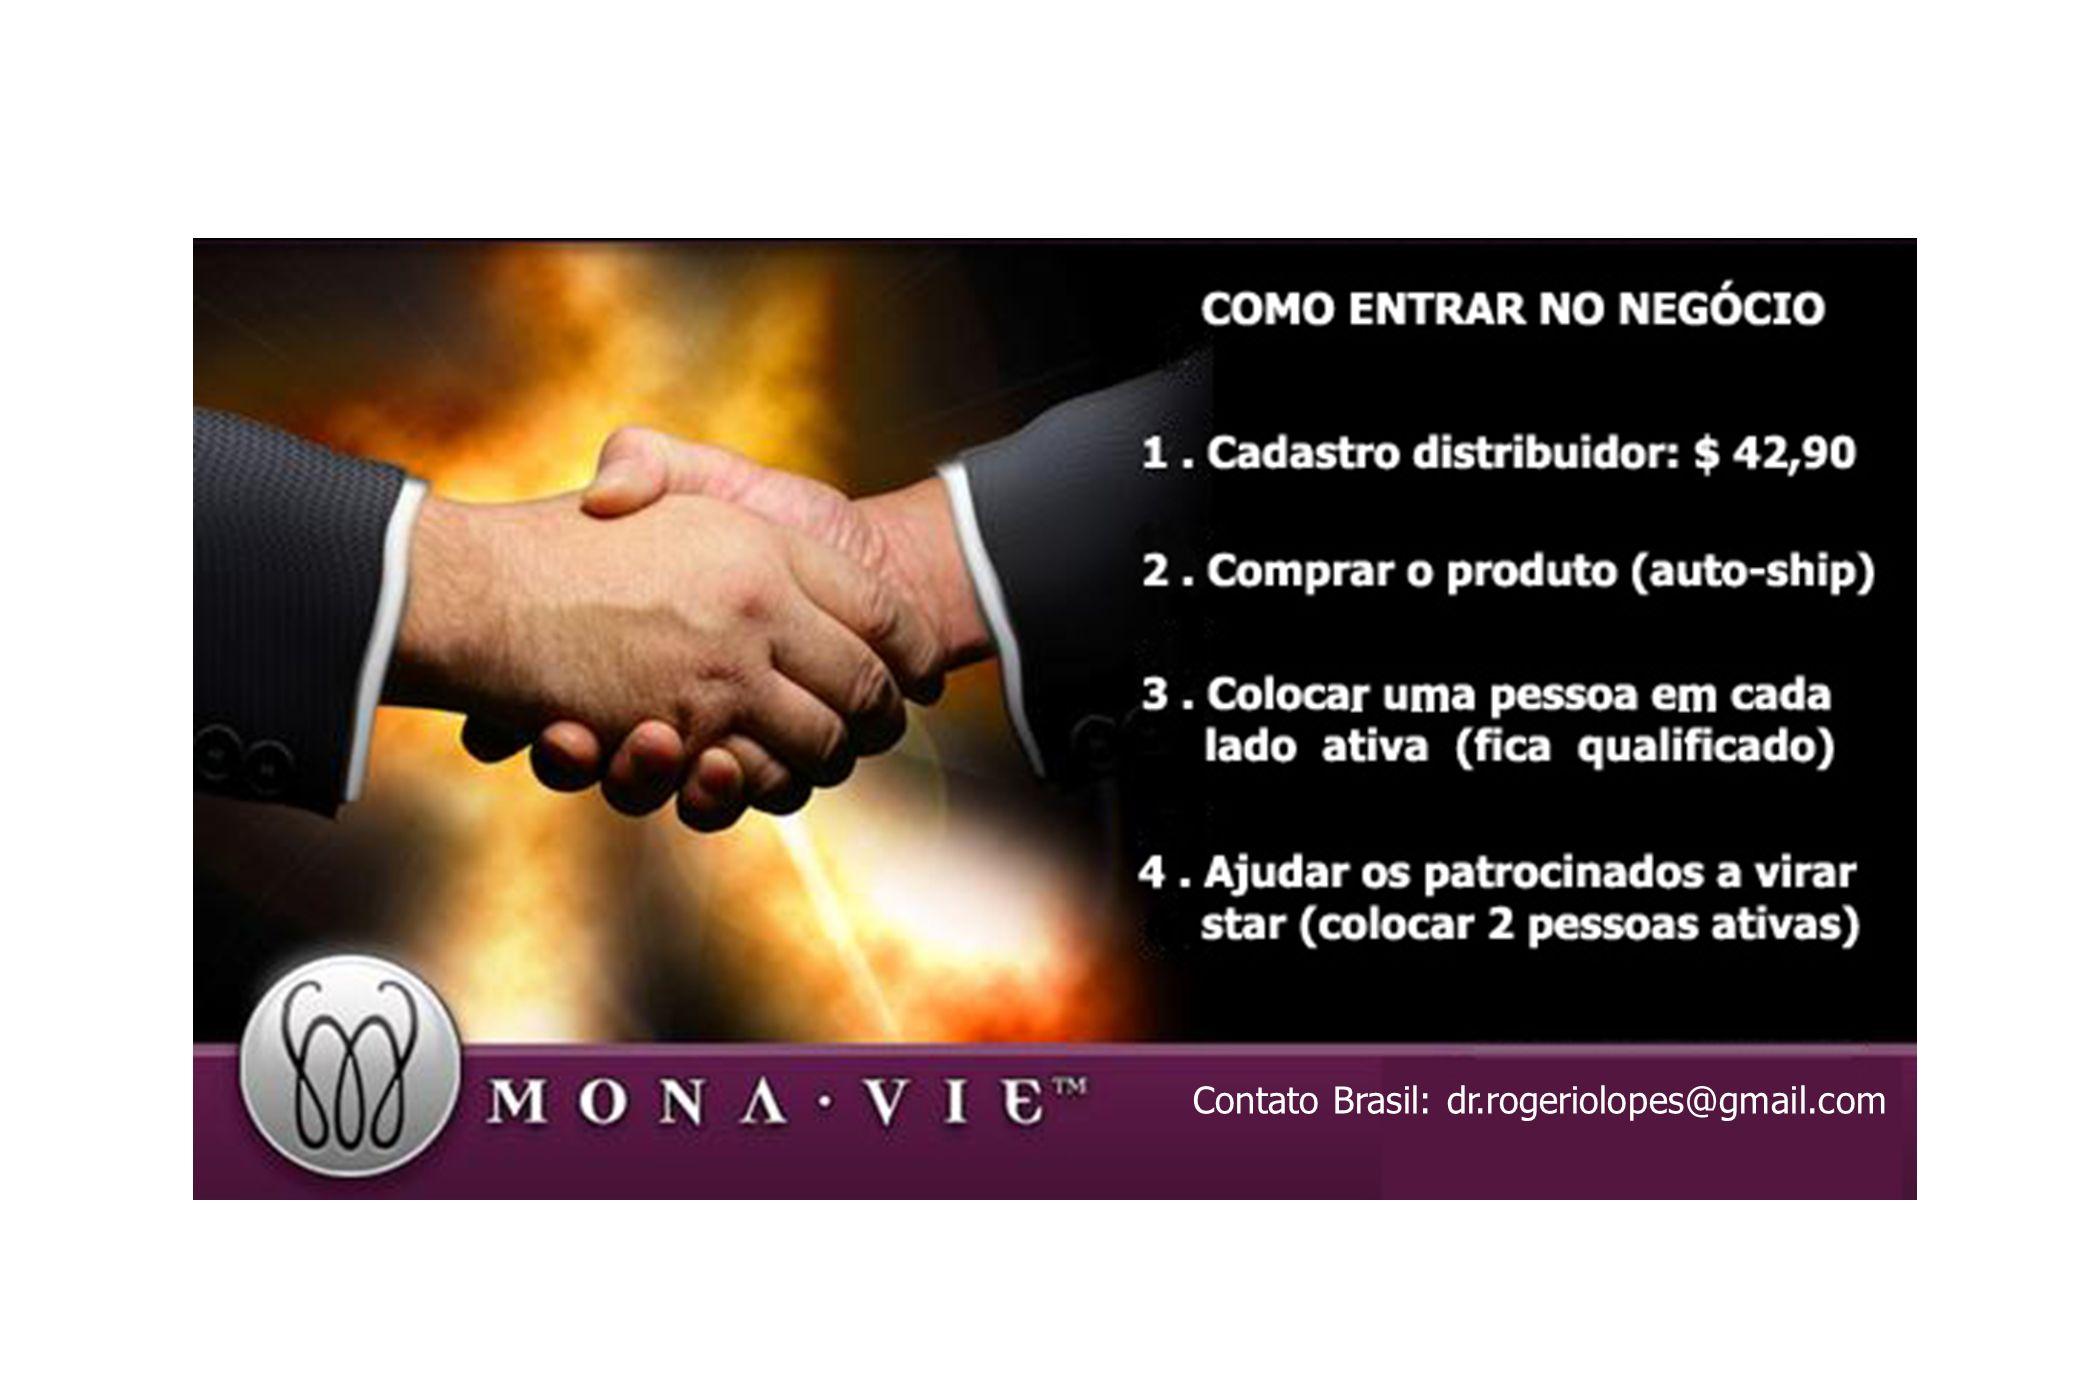 CARTÃO MONAVIE Contato Brasil: dr.rogeriolopes@gmail.com